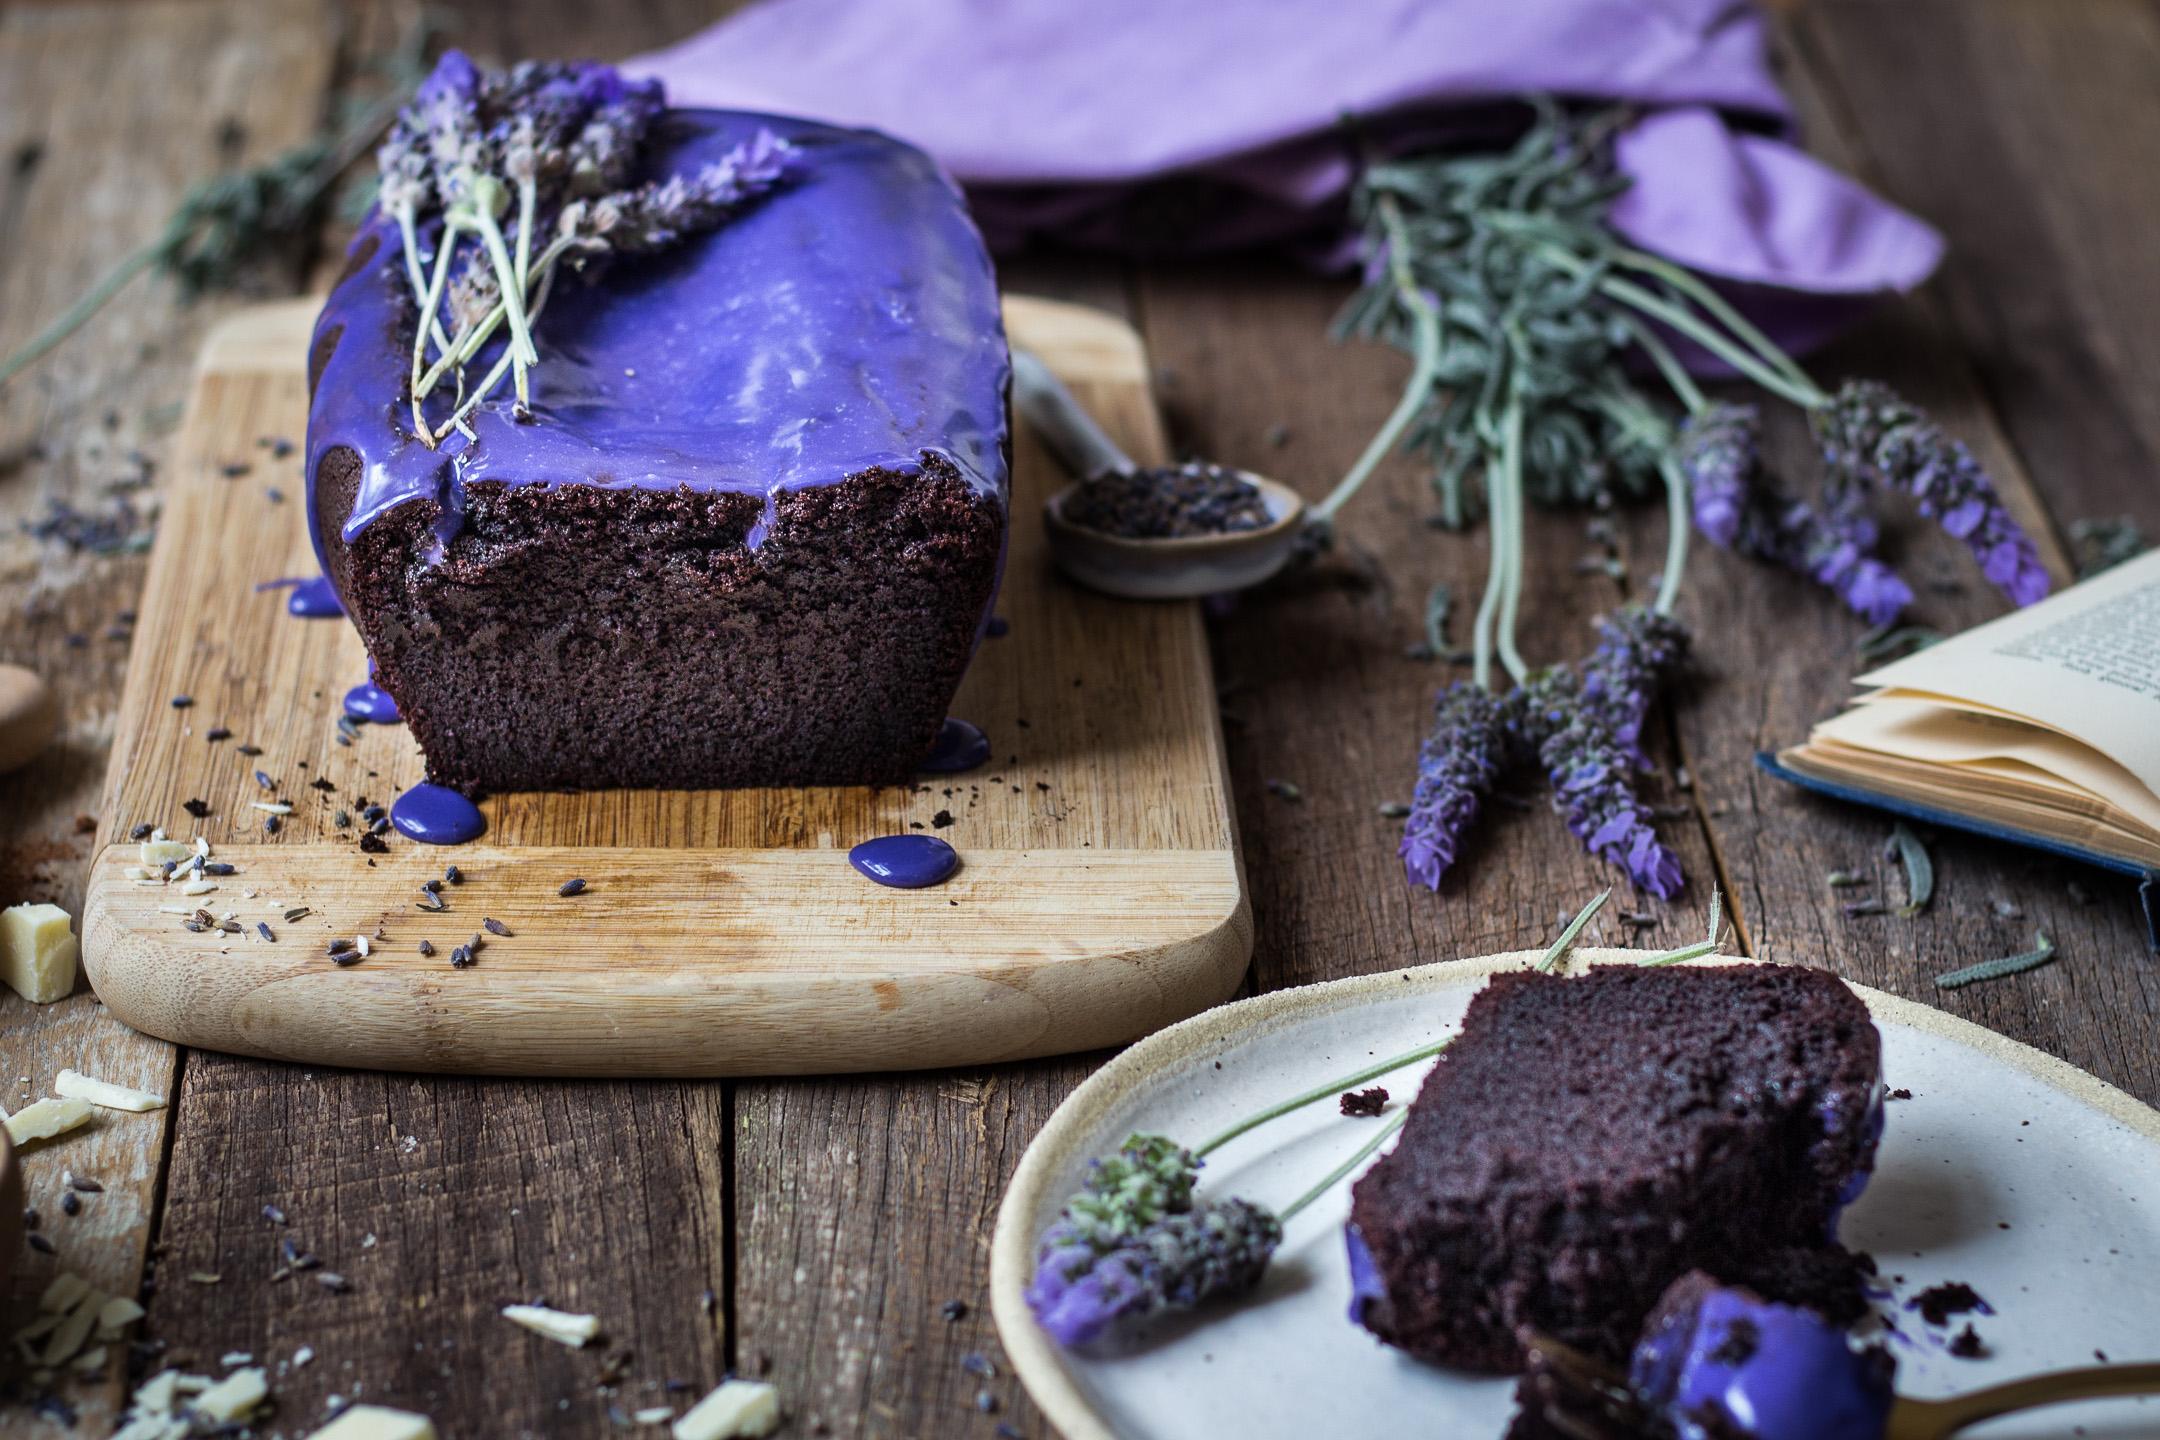 Шоколадный торт с лавандовой глазурью